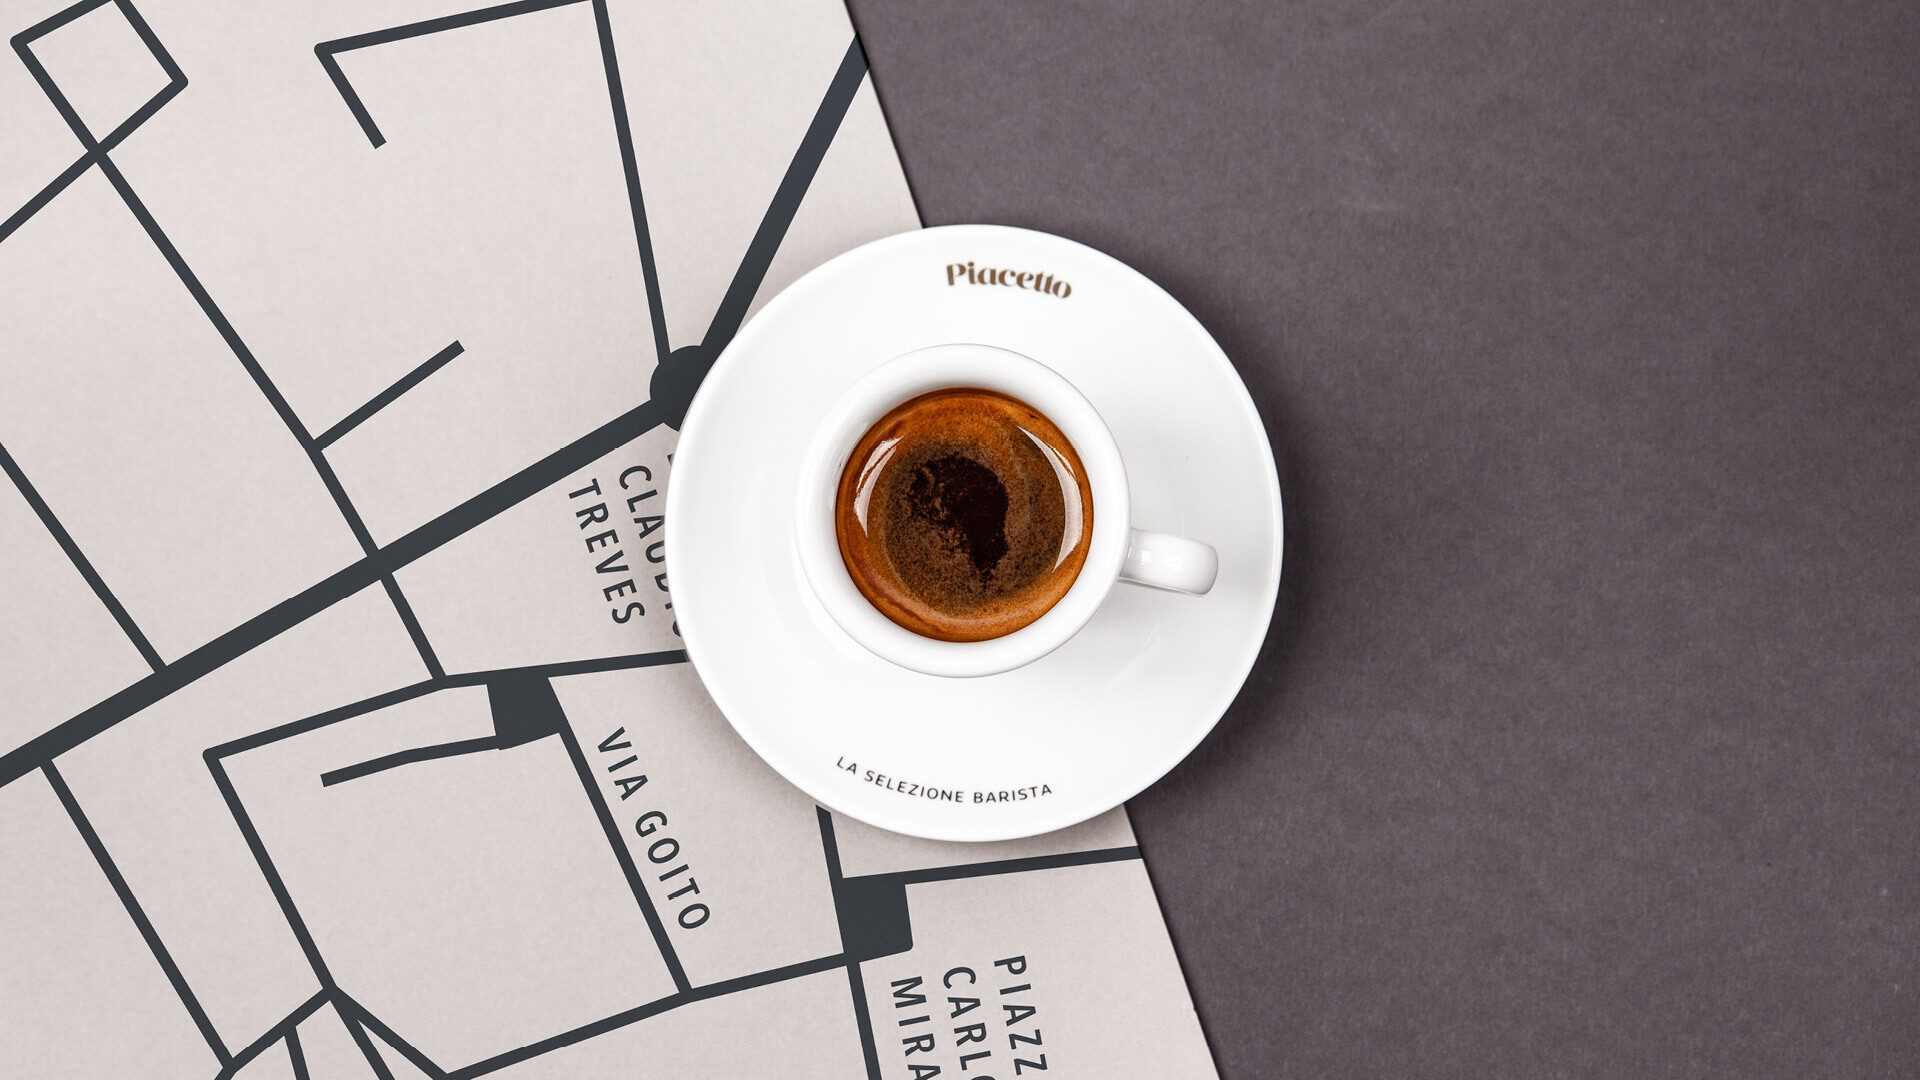 Piacetto Espressotasse mit Landkartenuntergrund